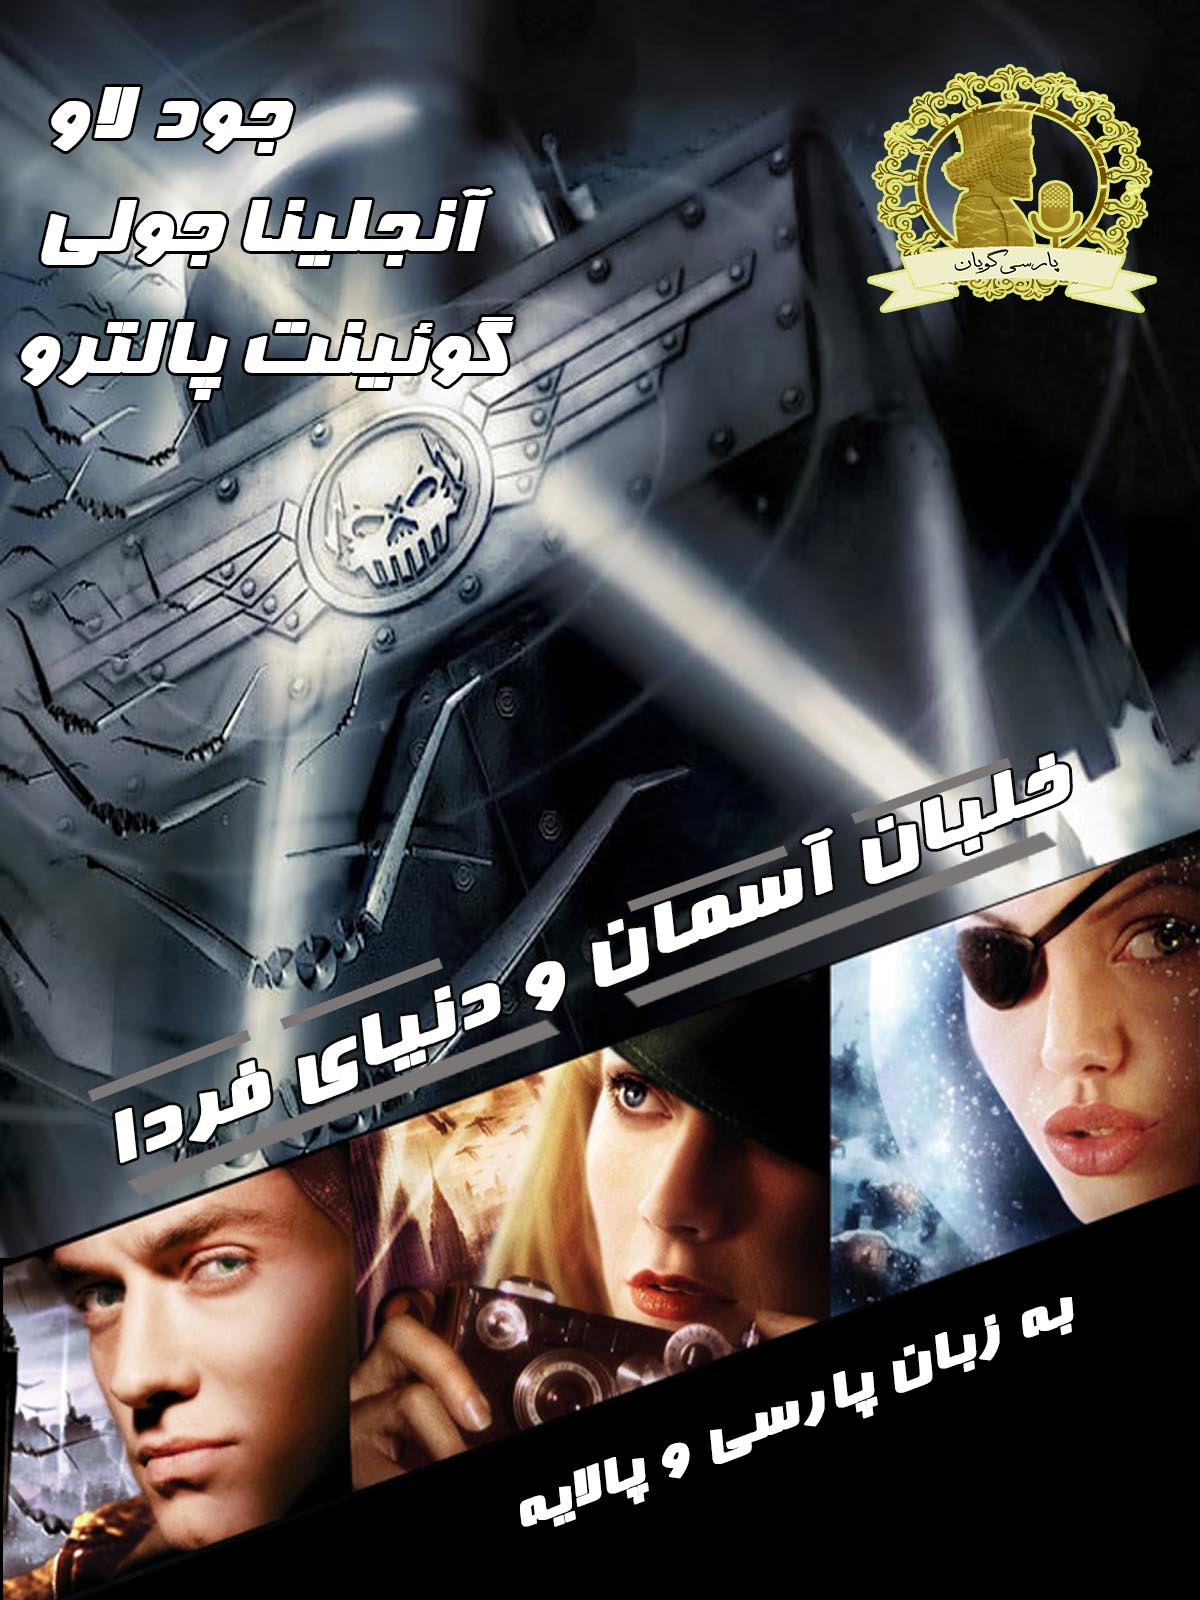 دانلود فیلم خلبان آسمان و دنیای فردا 2004 دوبله فارسی و سانسور شده